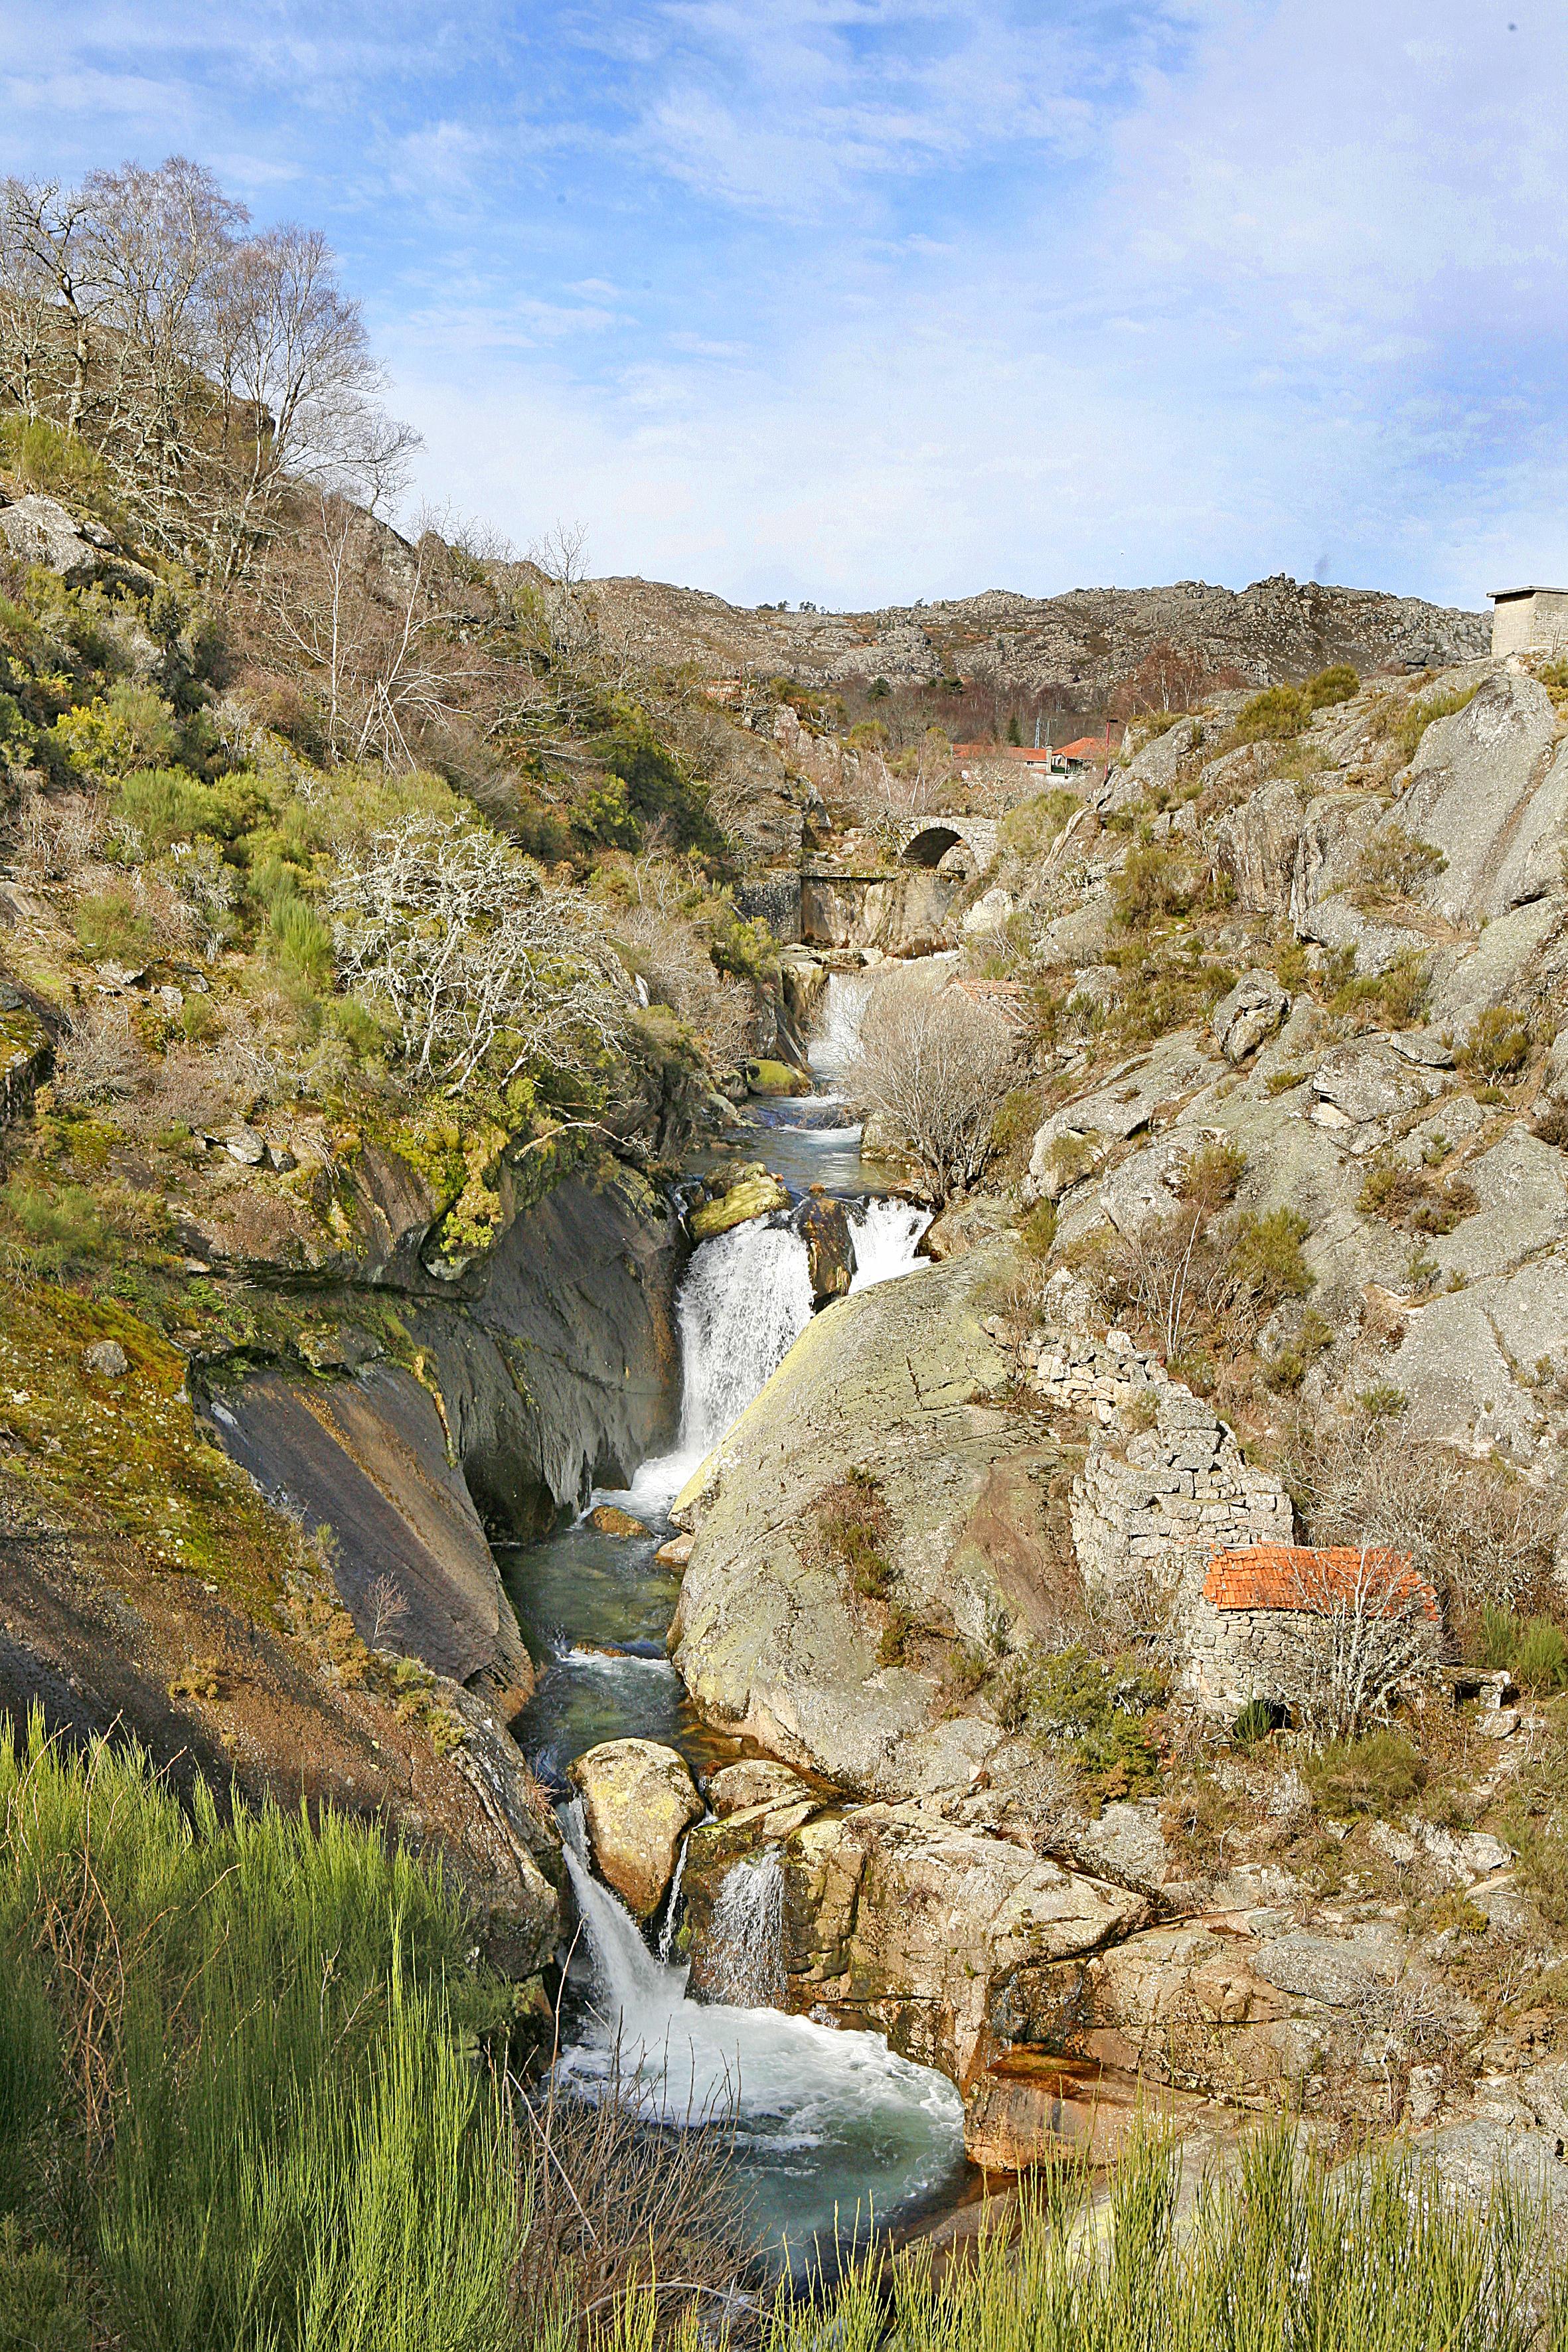 Cascatas do rio Laboreiro. Castro Laboreiro. Fotografia cedida pela câmara municipal de Melgaço.